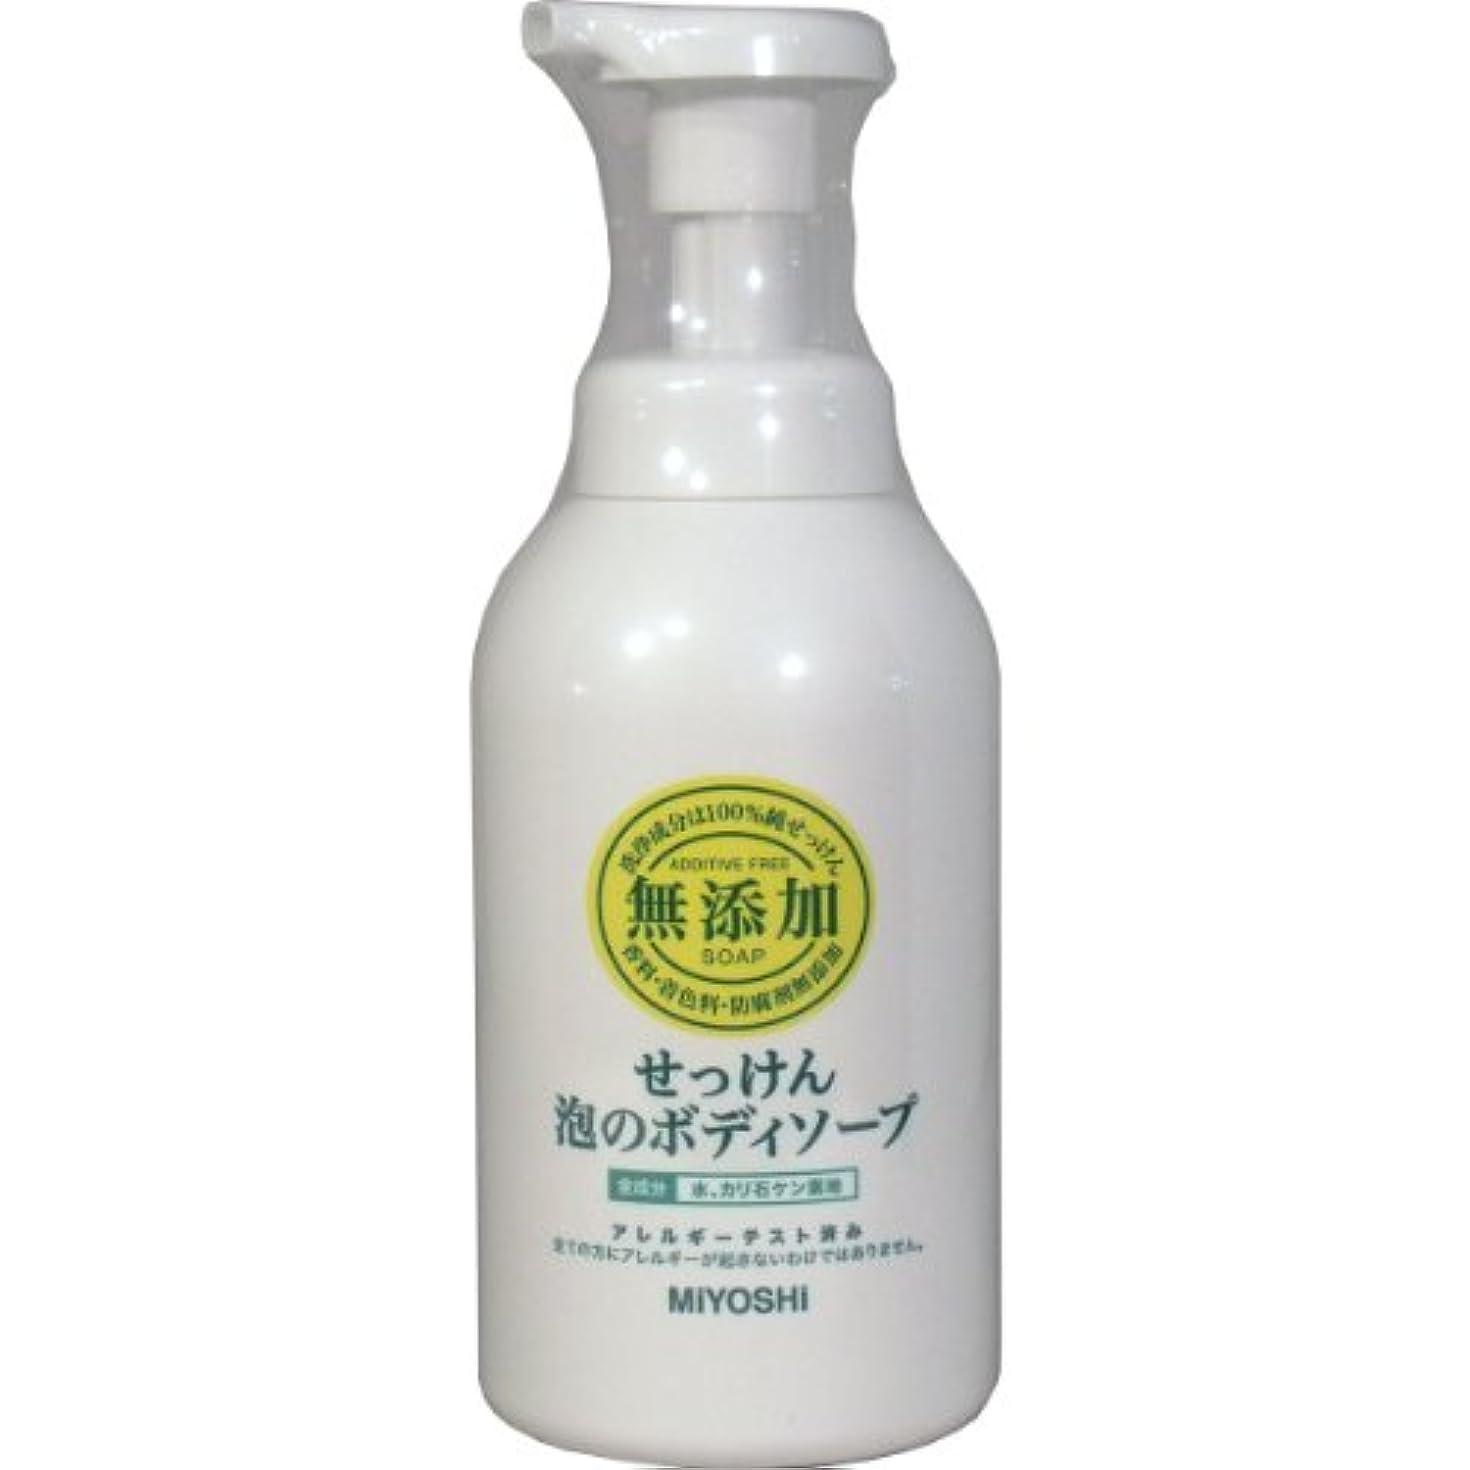 責め診断する異形(お徳用5セット)ミヨシ 無添加 せっけん 泡のボディソープ 500ml(無添加石鹸)×5セット